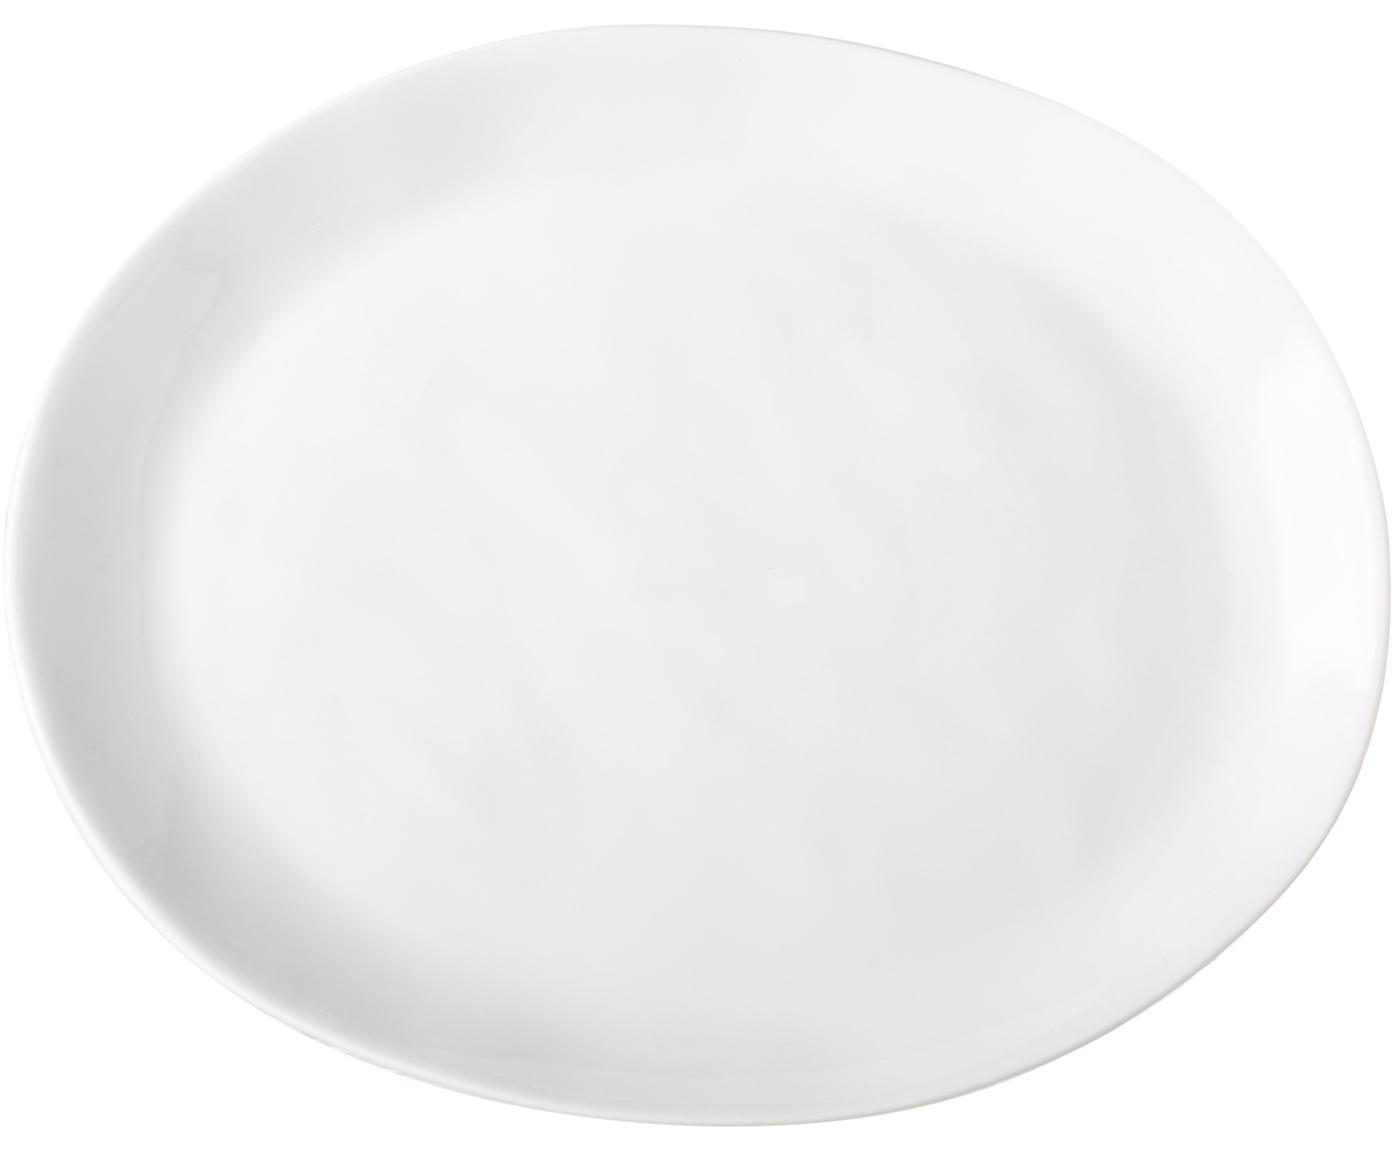 Ontbijtborden Porcelino, 4 stuks, Porselein in obewust ongelijkmatige vorm, Wit, 19 x 23 cm